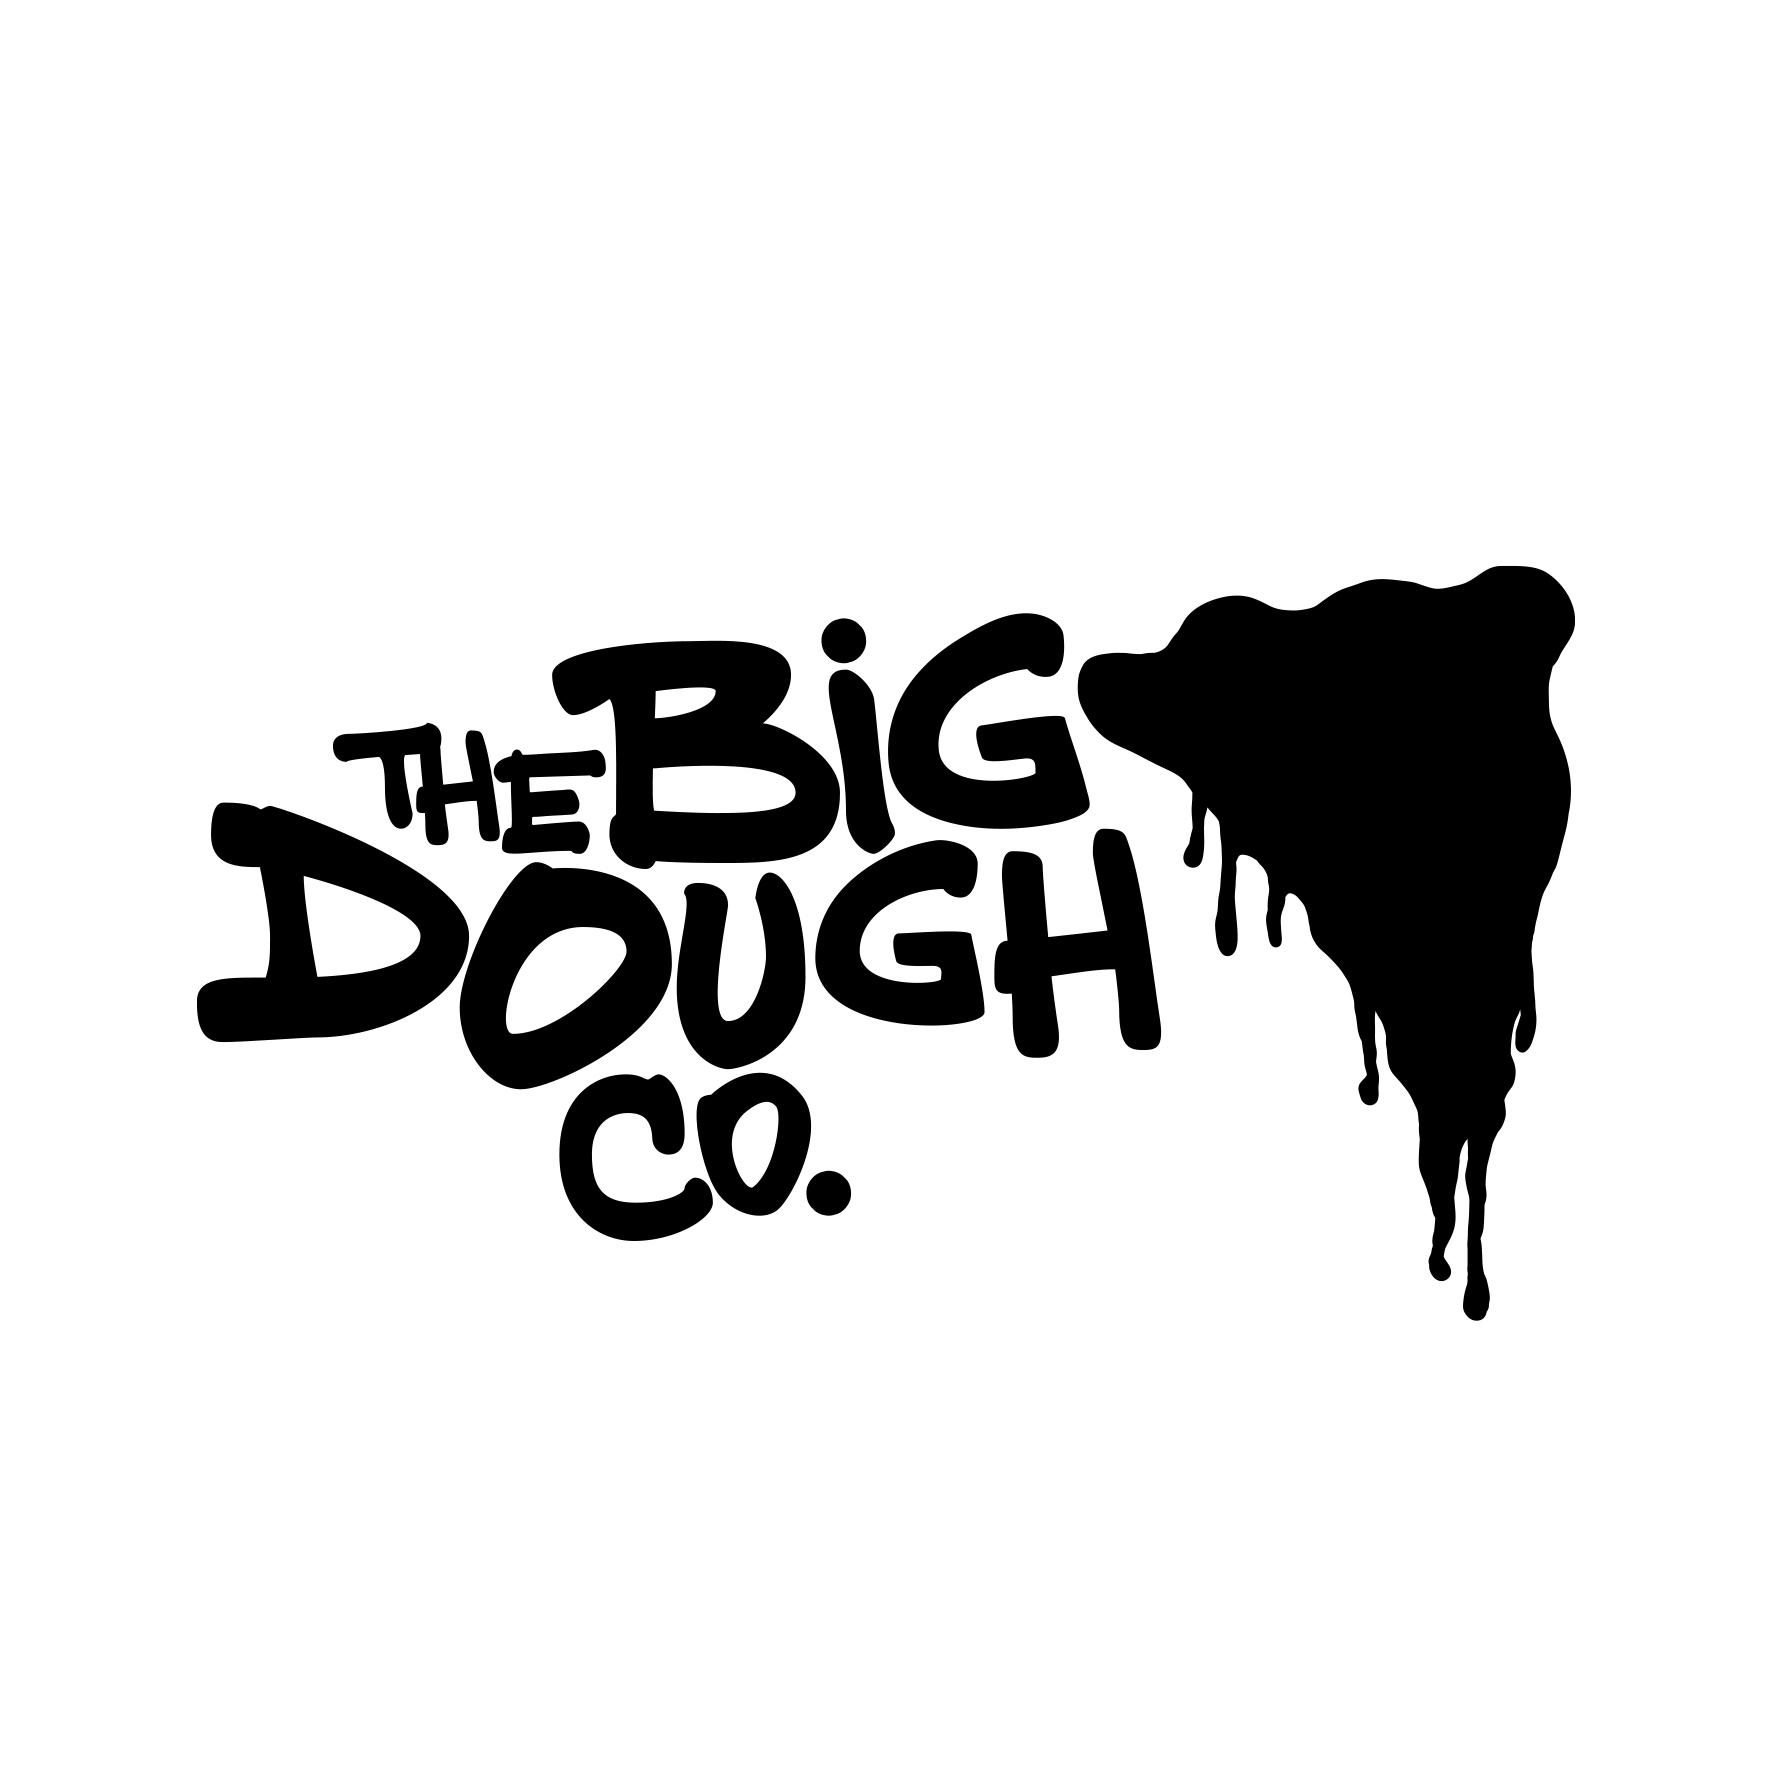 Big Dough Co.